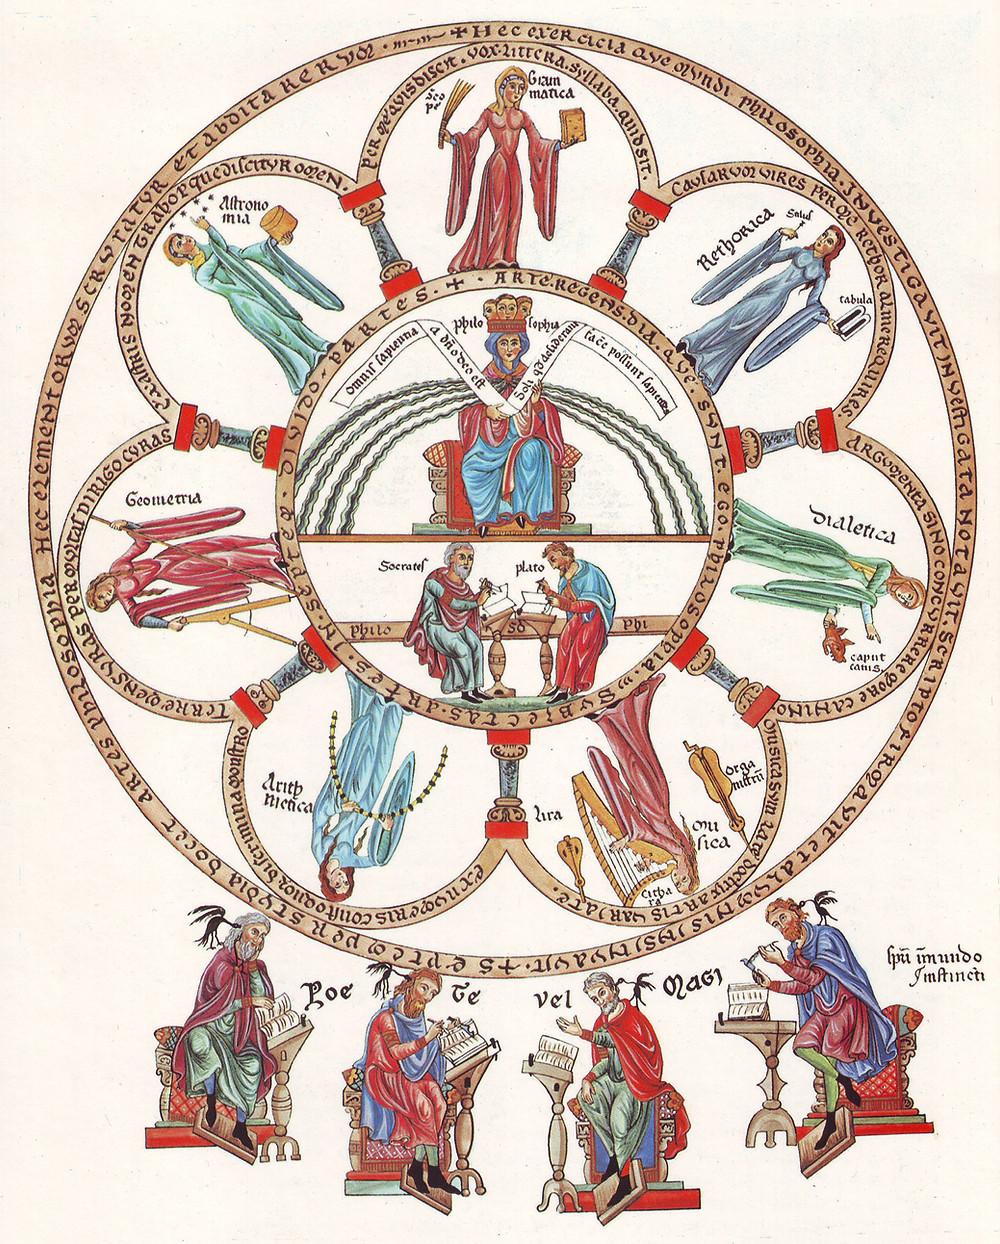 Diagram of the Seven Liberal Arts, origin of trivia